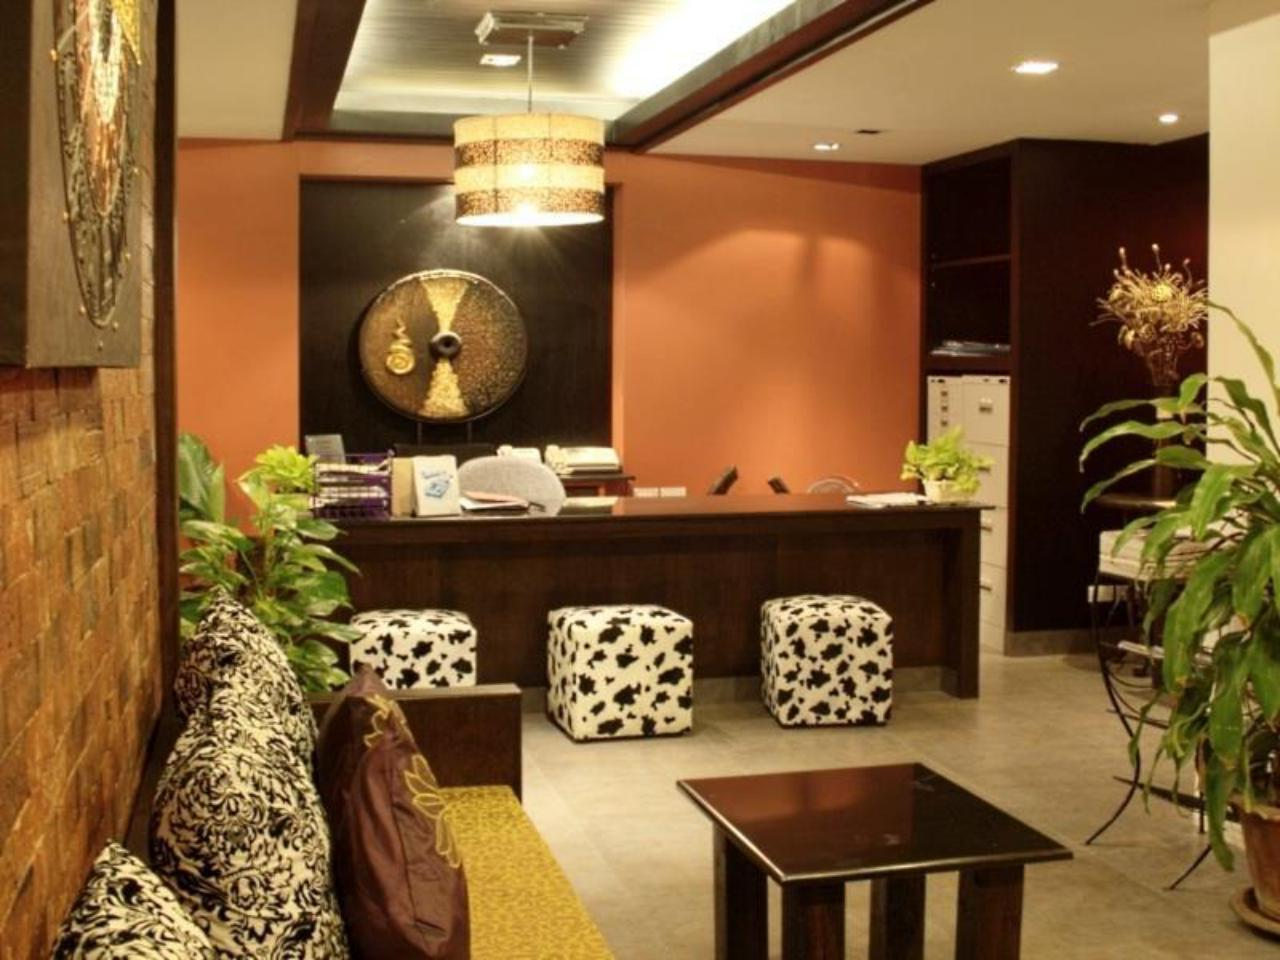 โรงแรมบ้านบันดาเลย์ (Baan Bandalay Hotel)